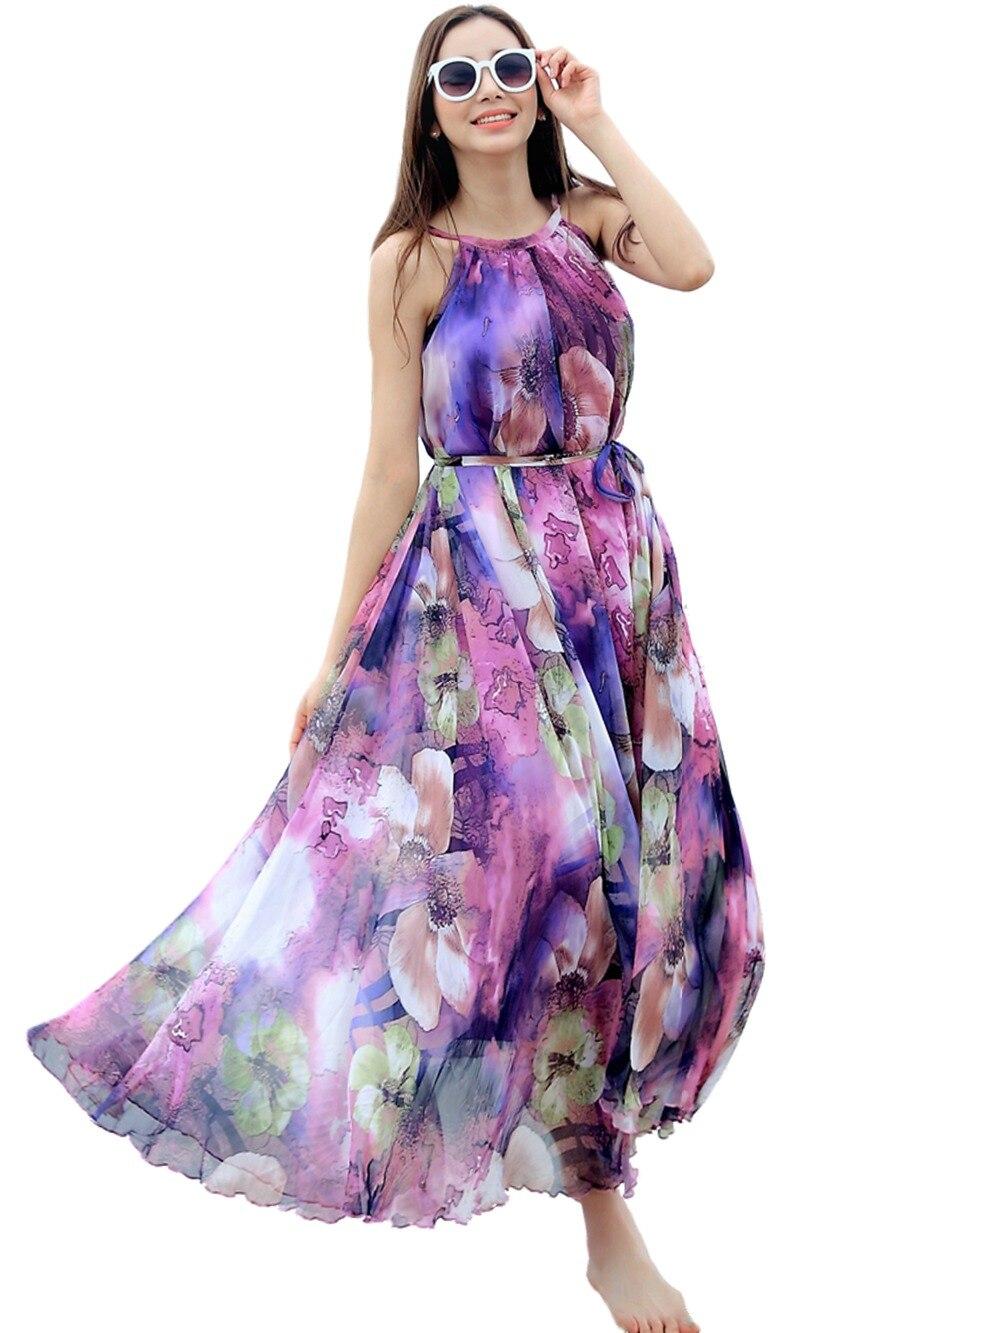 порогах районе волшебство шифоновых платьев платья из шифона фото телевизору показывают